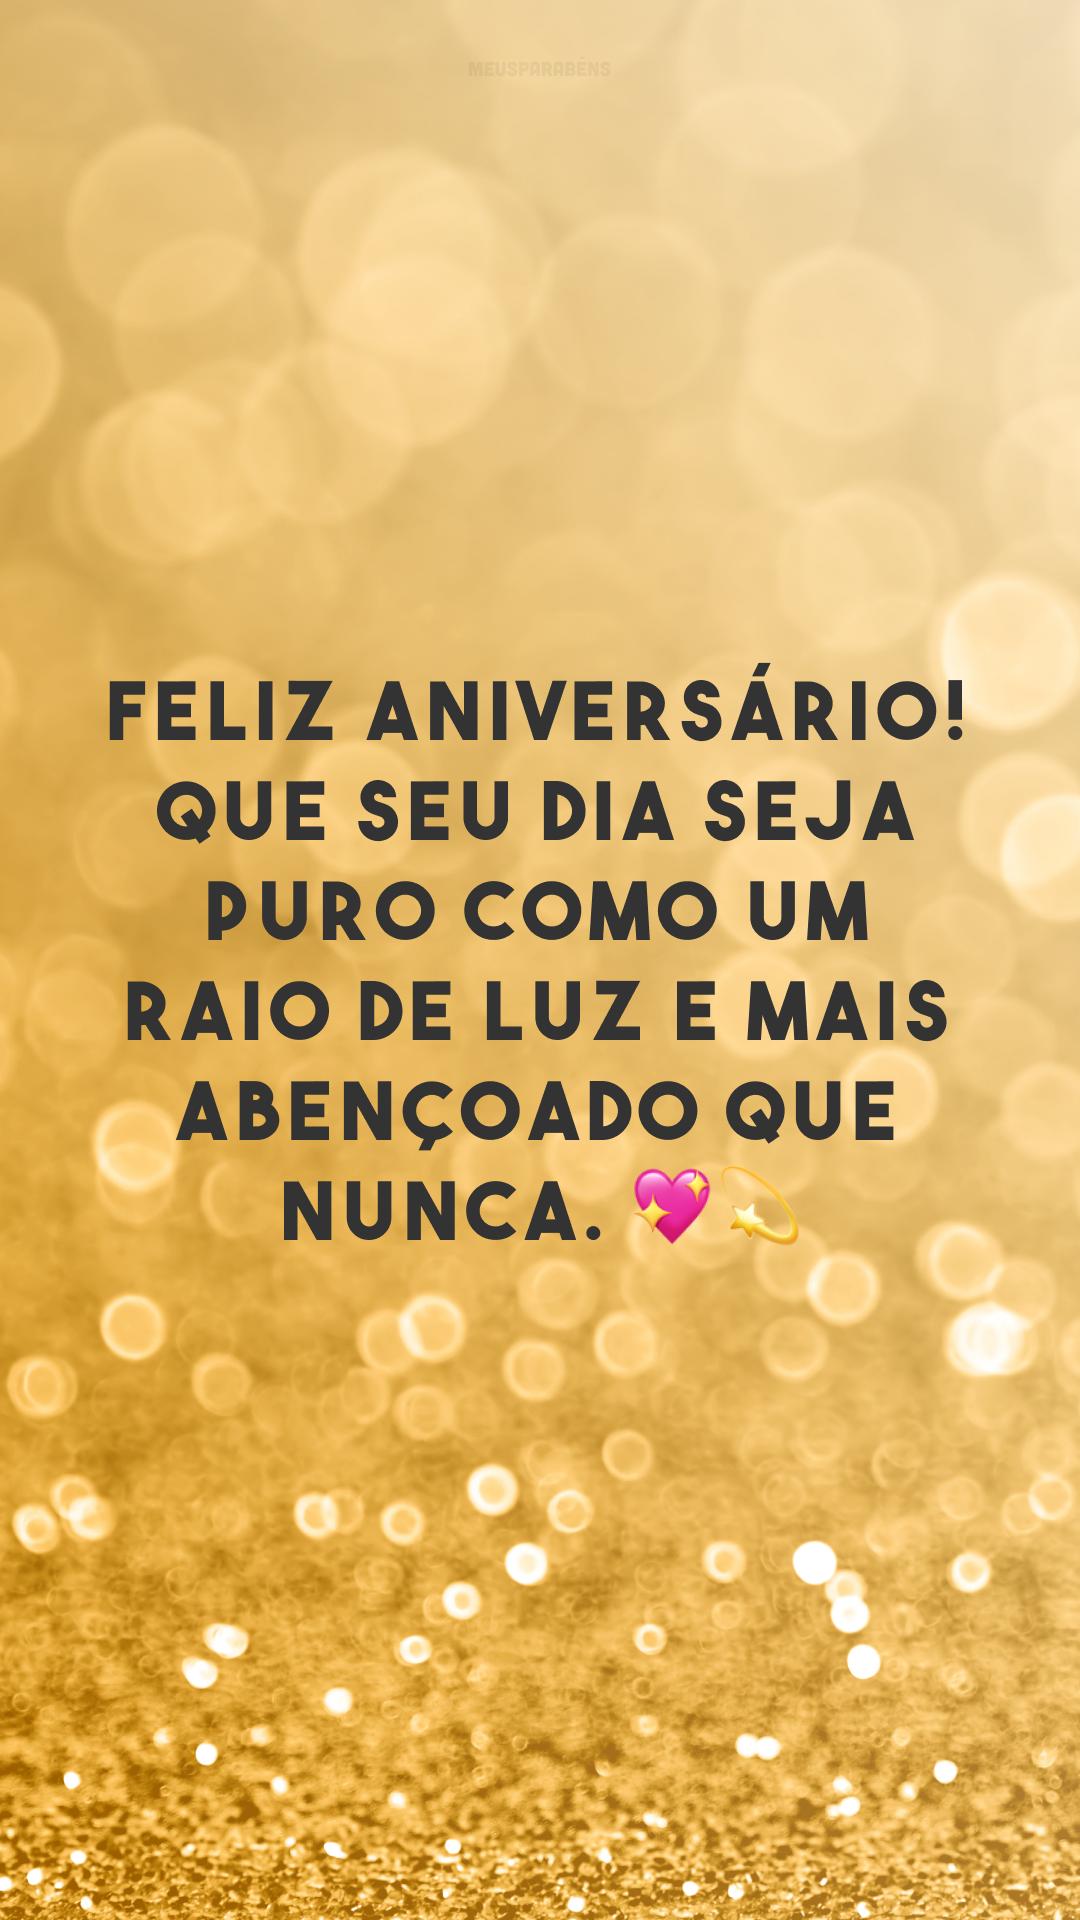 Feliz aniversário! Que seu dia seja puro como um raio de luz e mais abençoado que nunca. 💖💫